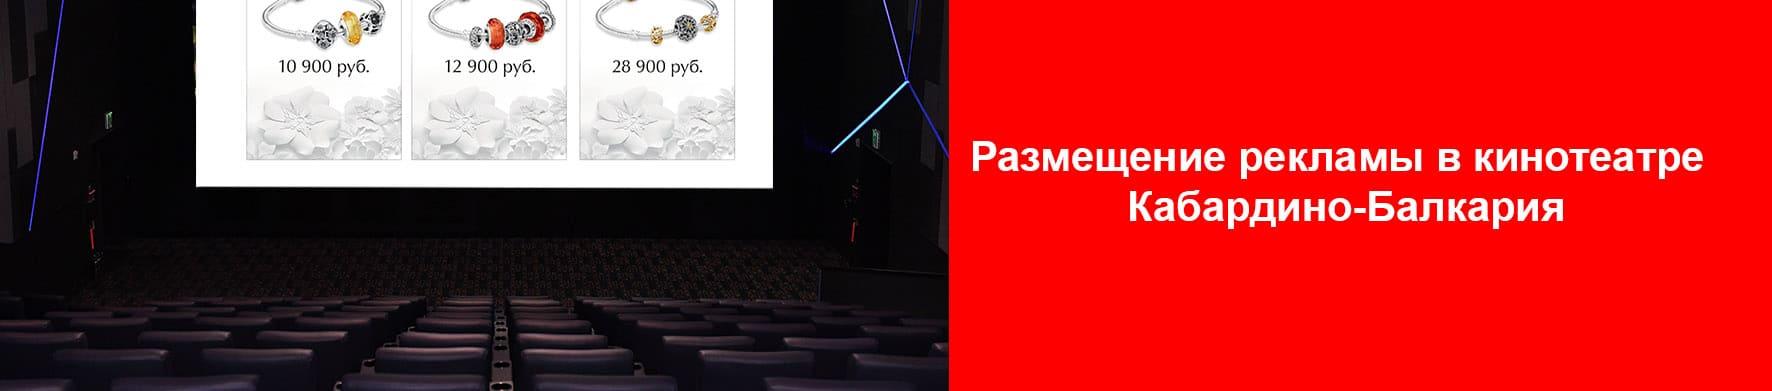 Реклама в кинотеатре Нальчик